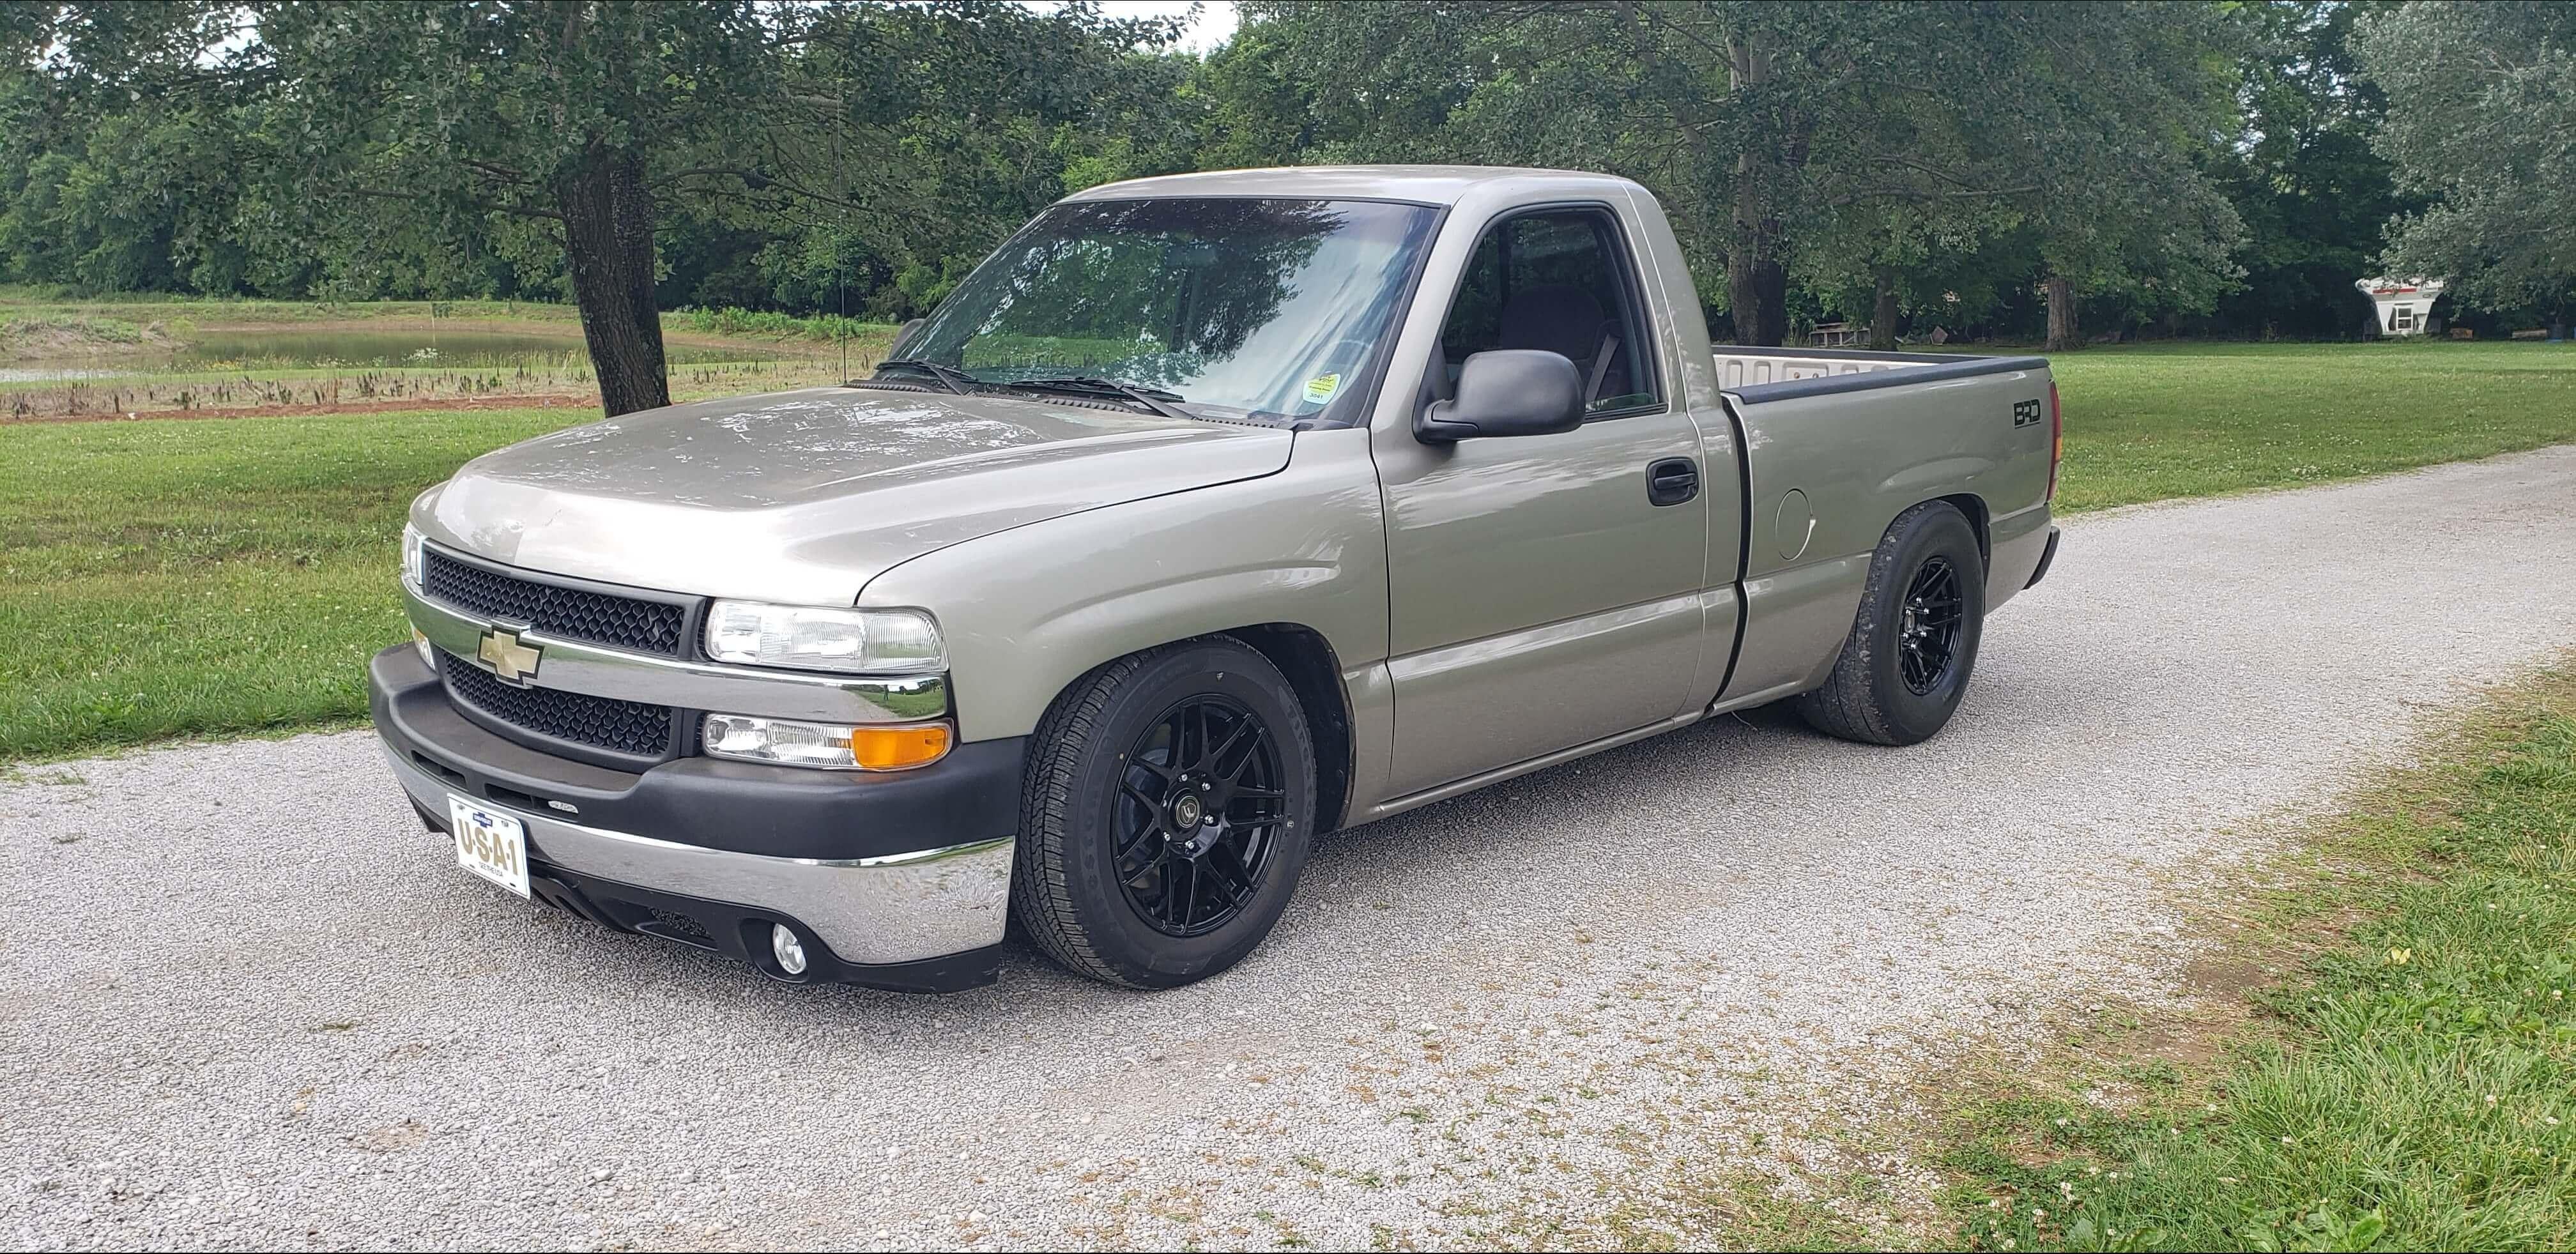 Collin's 2000 Chevrolet Silverado 1500 - Holley My Garage